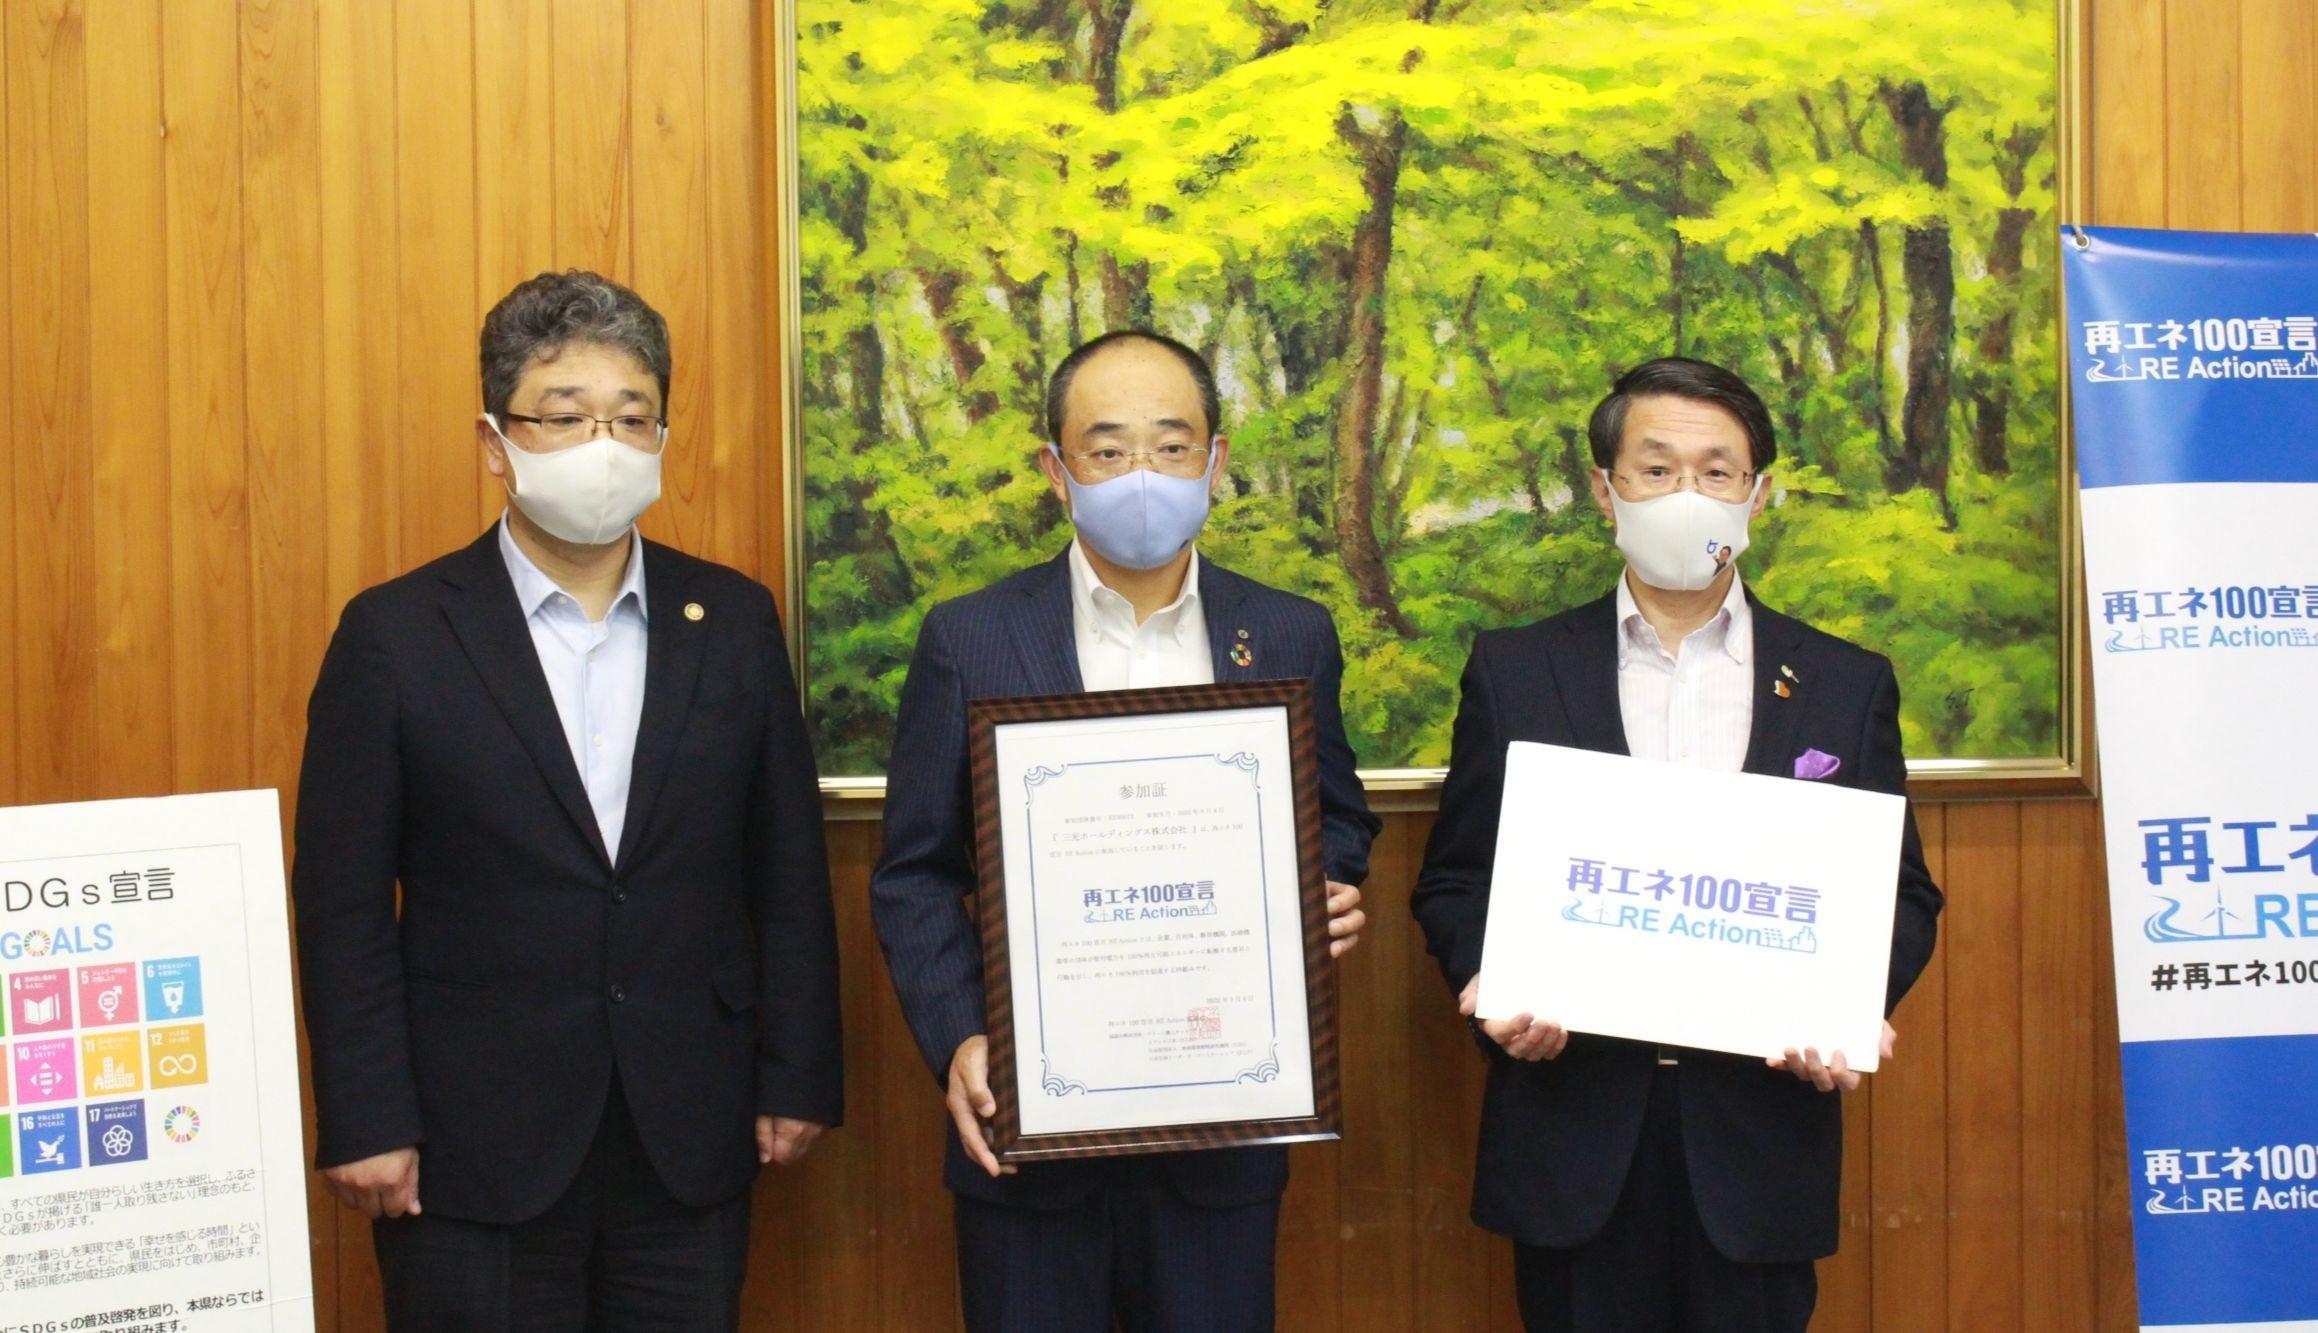 再エネ100宣言 RE Action平井知事を表敬訪問